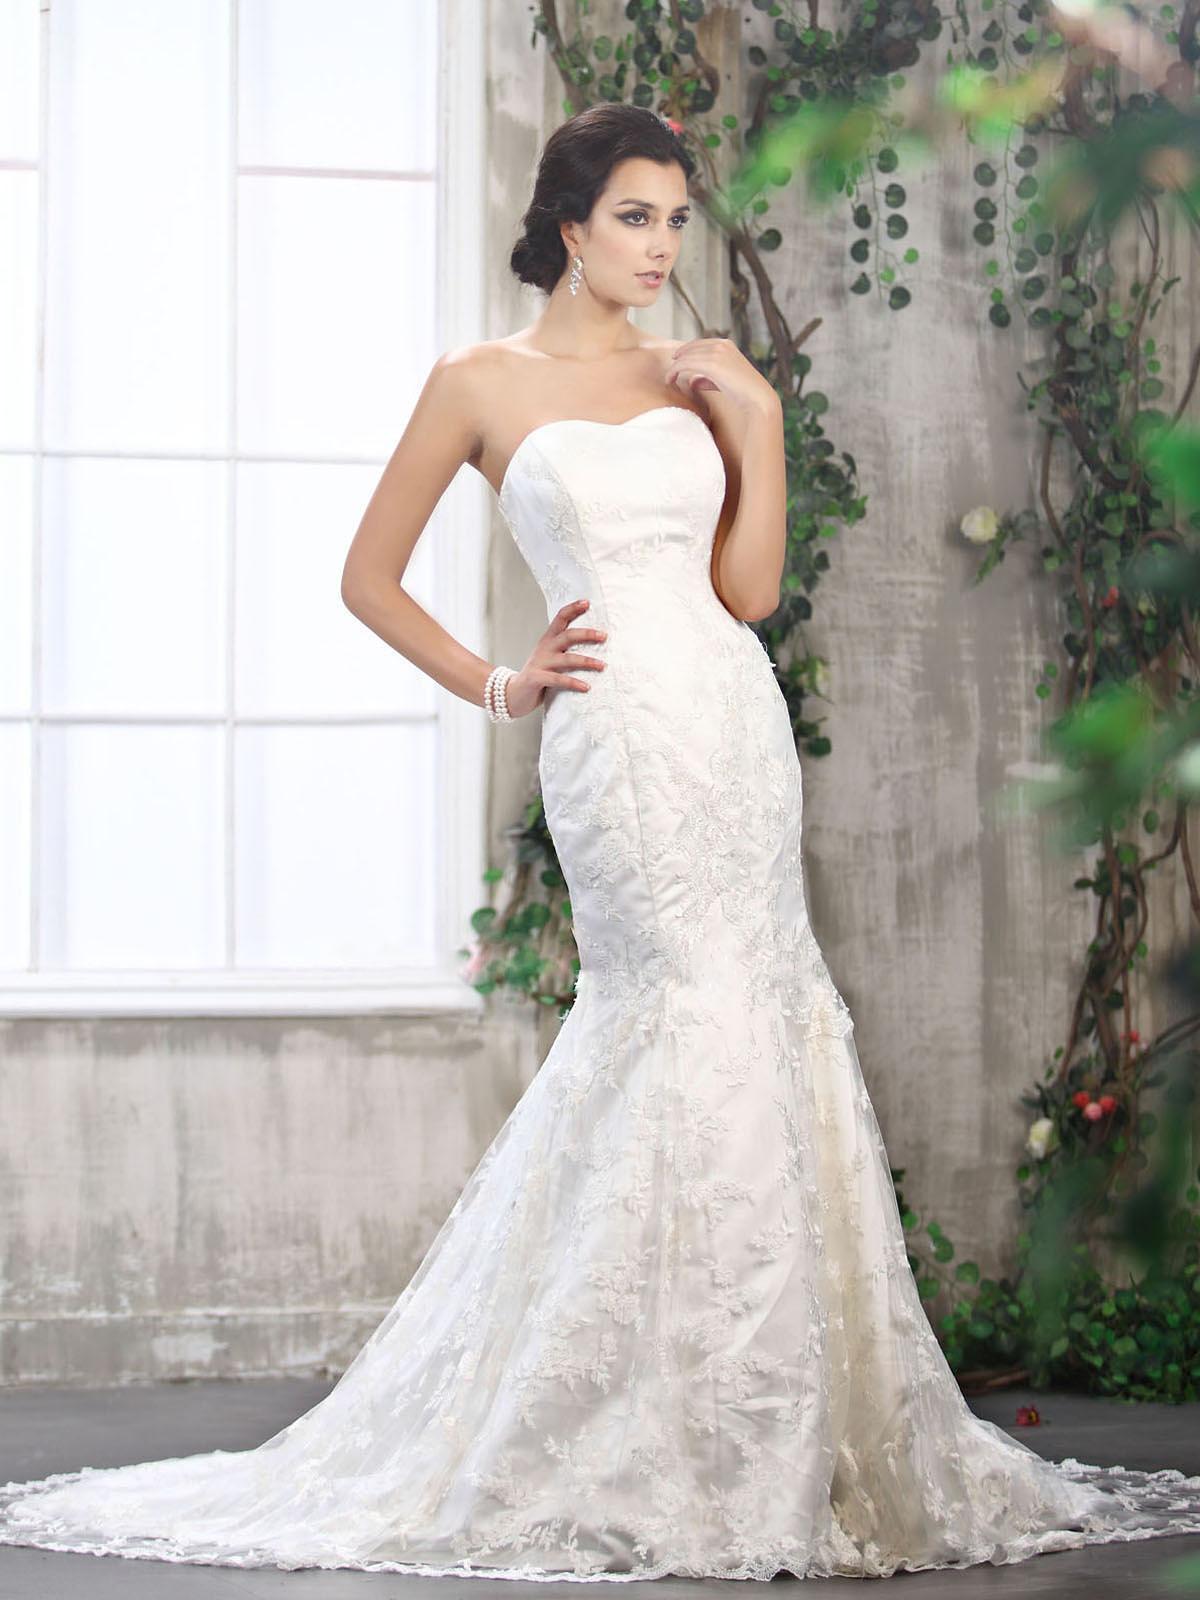 Svadobné šaty, čo sa mi páčia :) - Obrázok č. 56